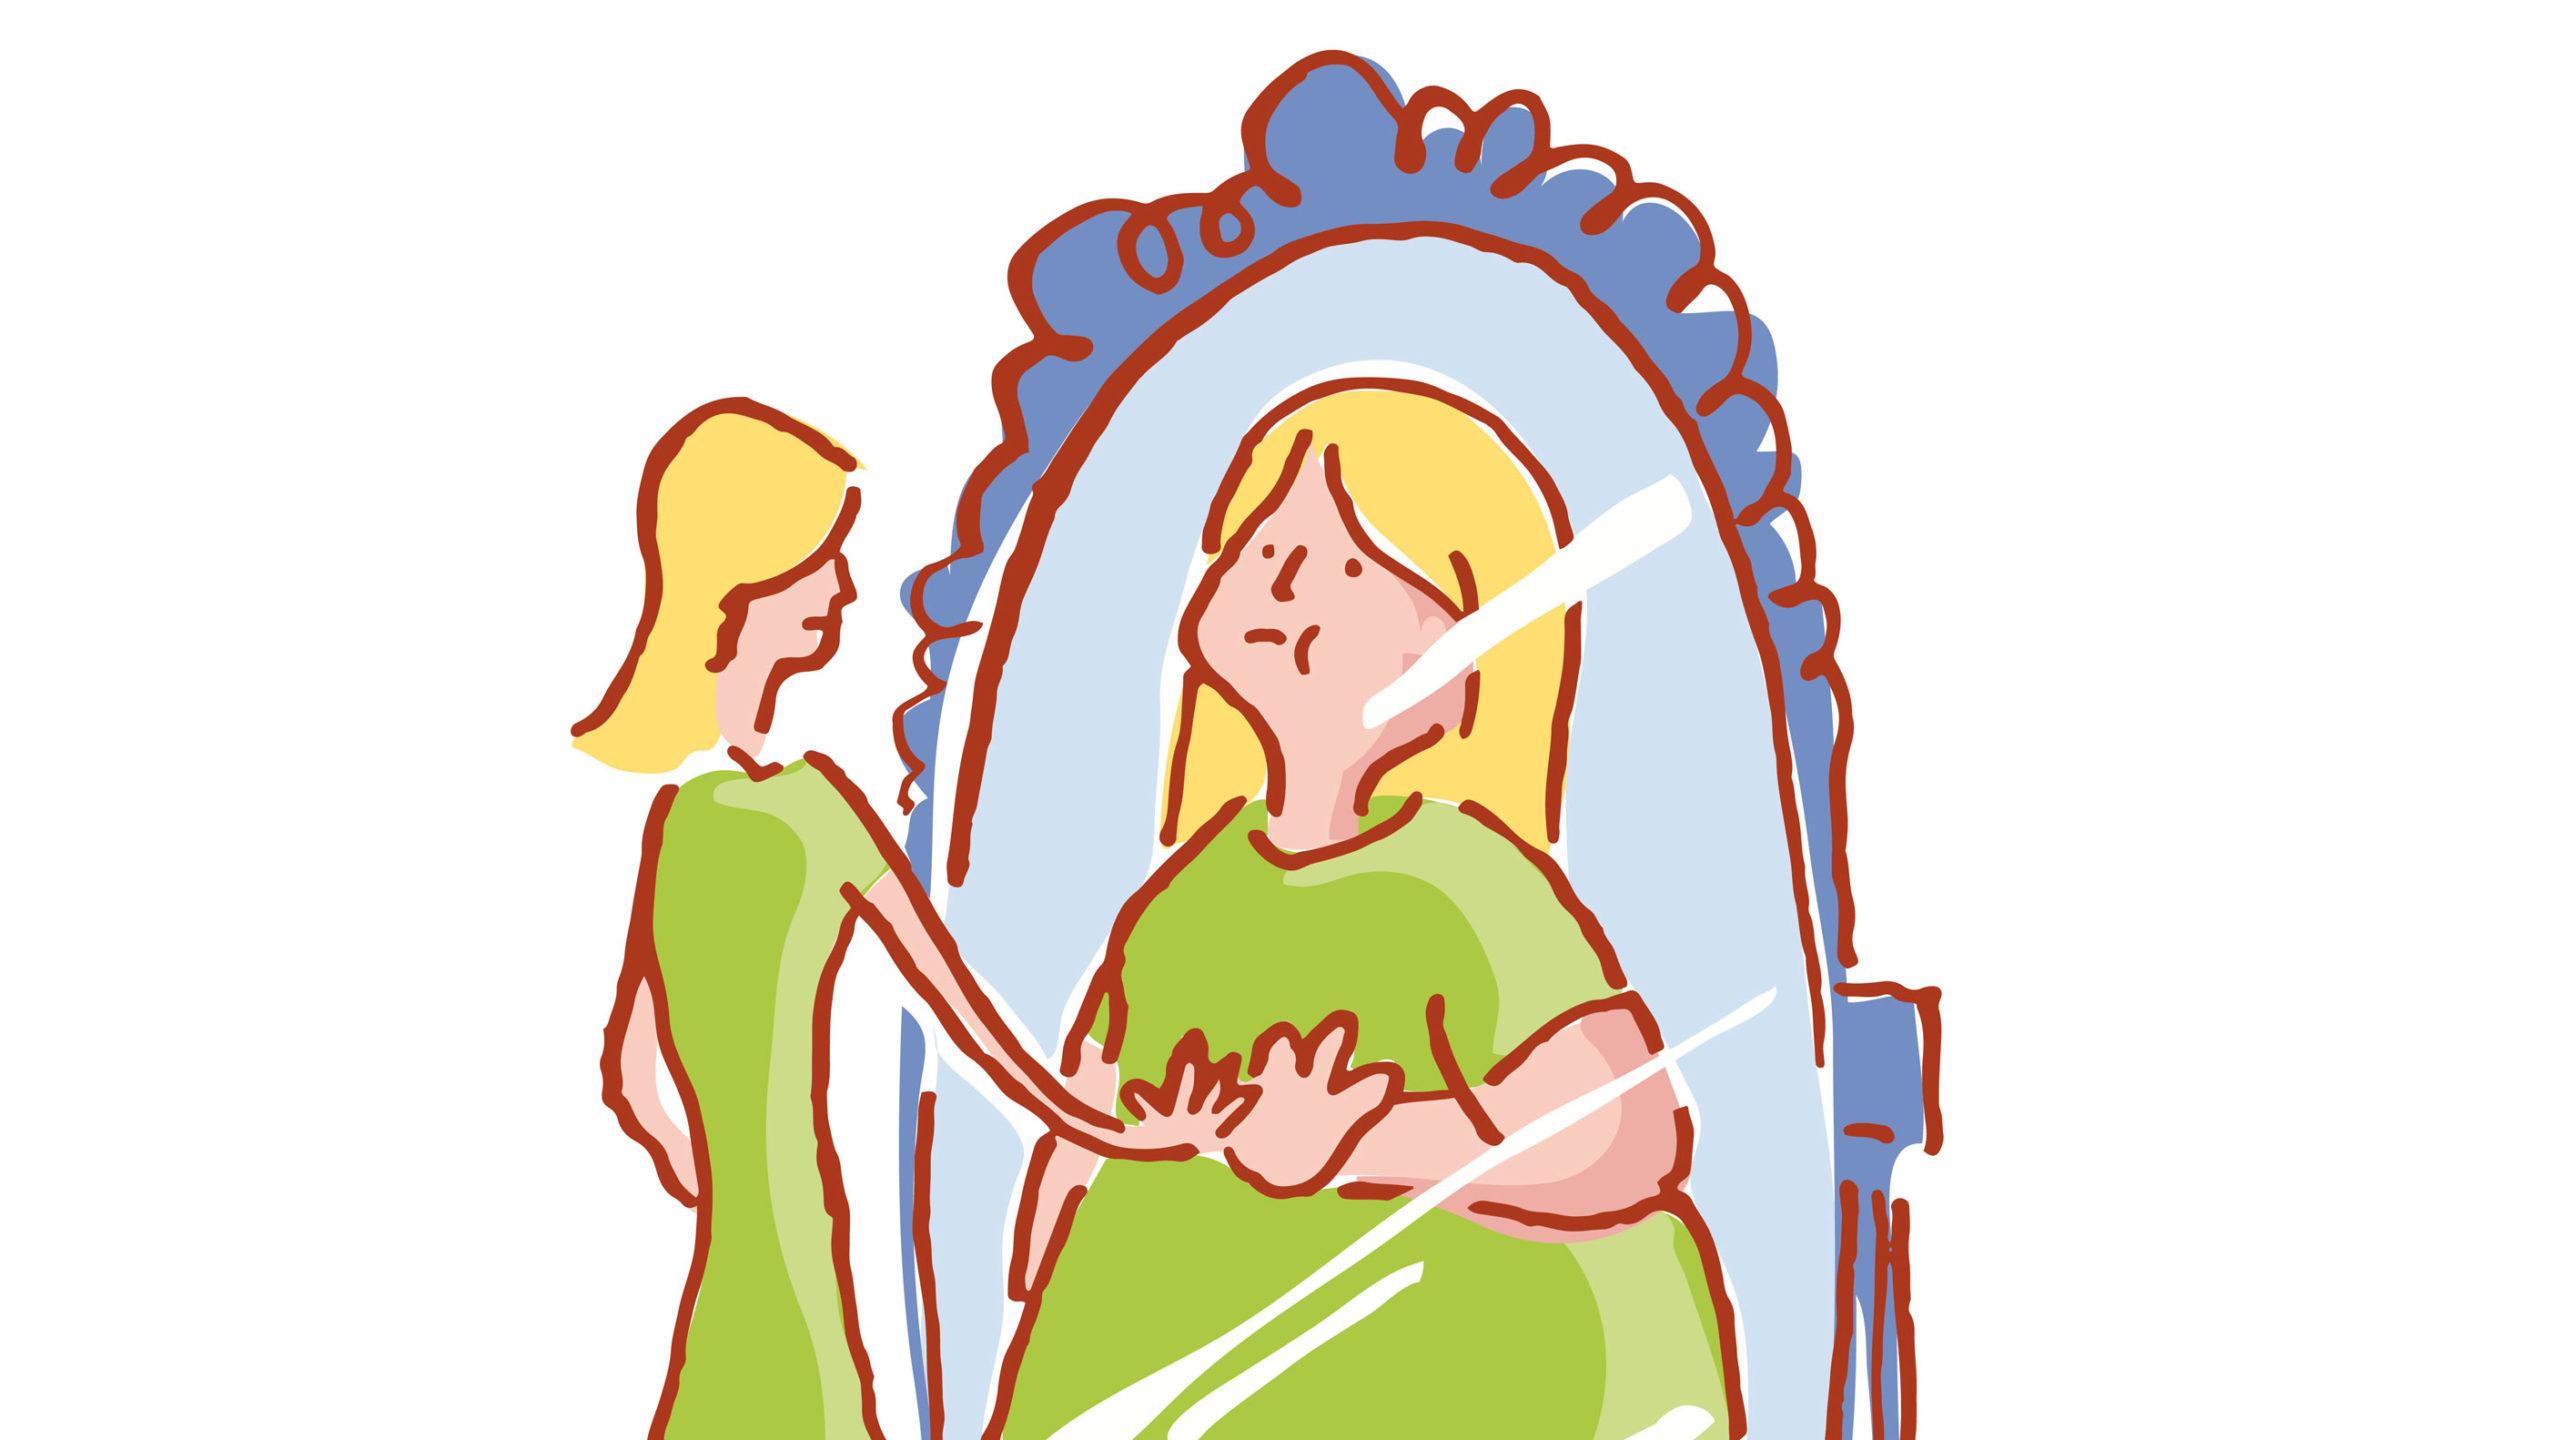 Πότε η ενασχόληση με την εικόνα του εαυτού μας γίνεται εμπόδιο;